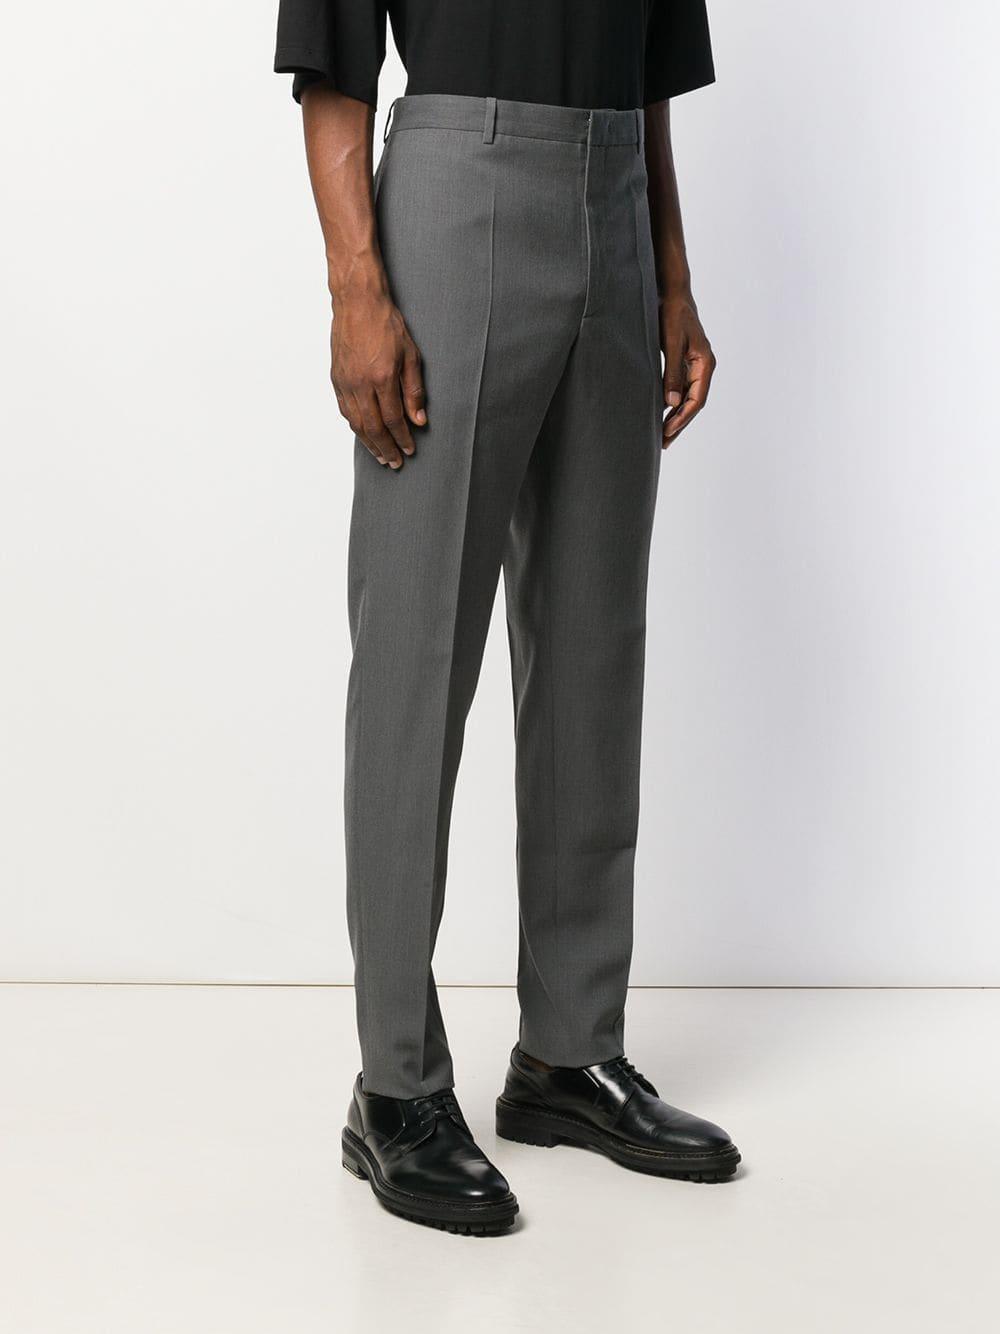 Jil Sander Wol Straight Pantalon in het Grijs voor heren